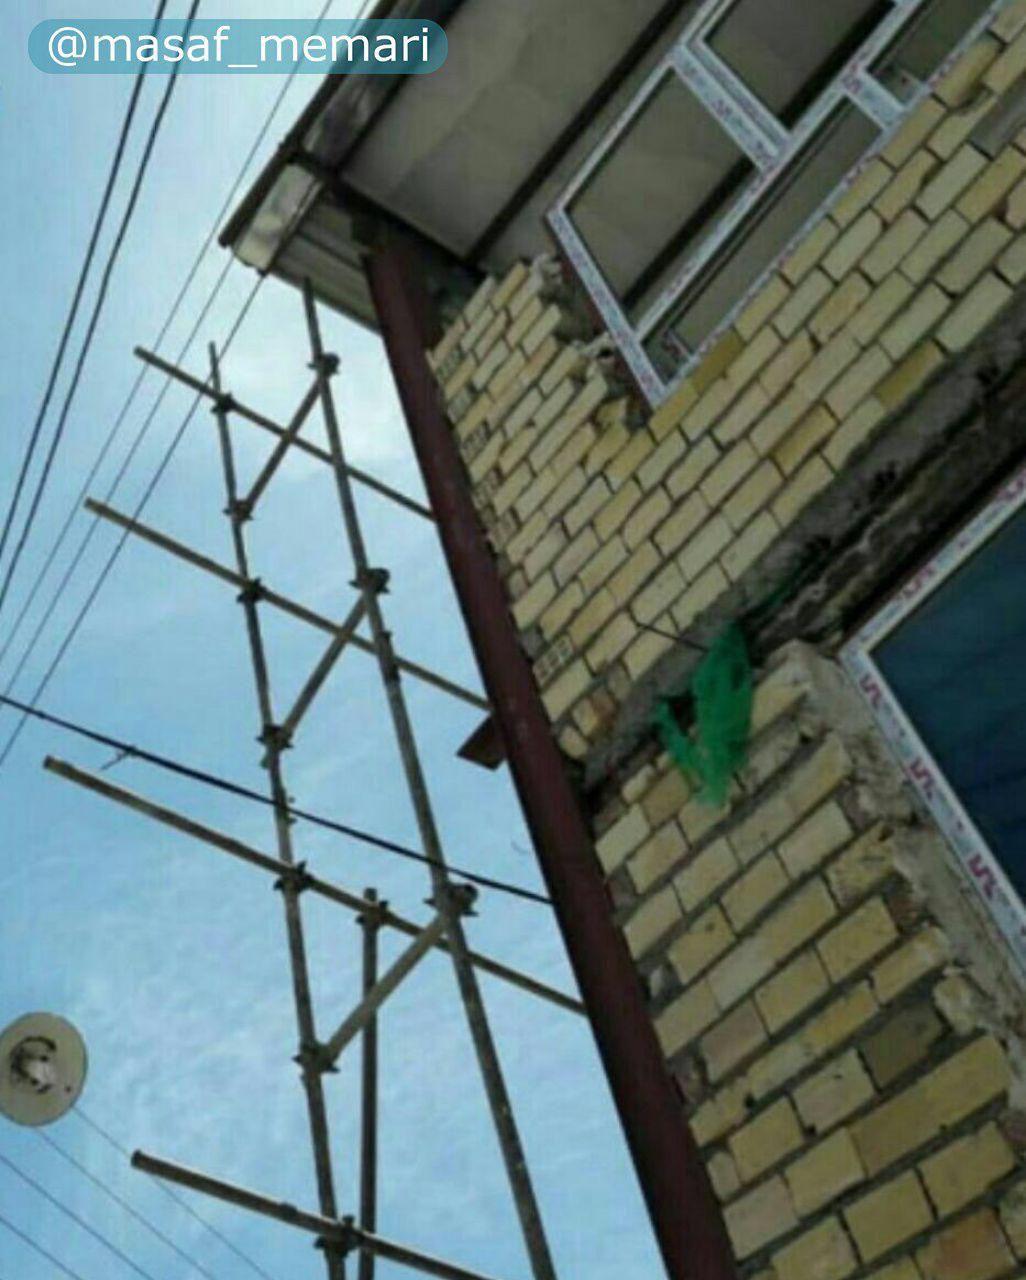 عدم رعایت حریم خطوط برق